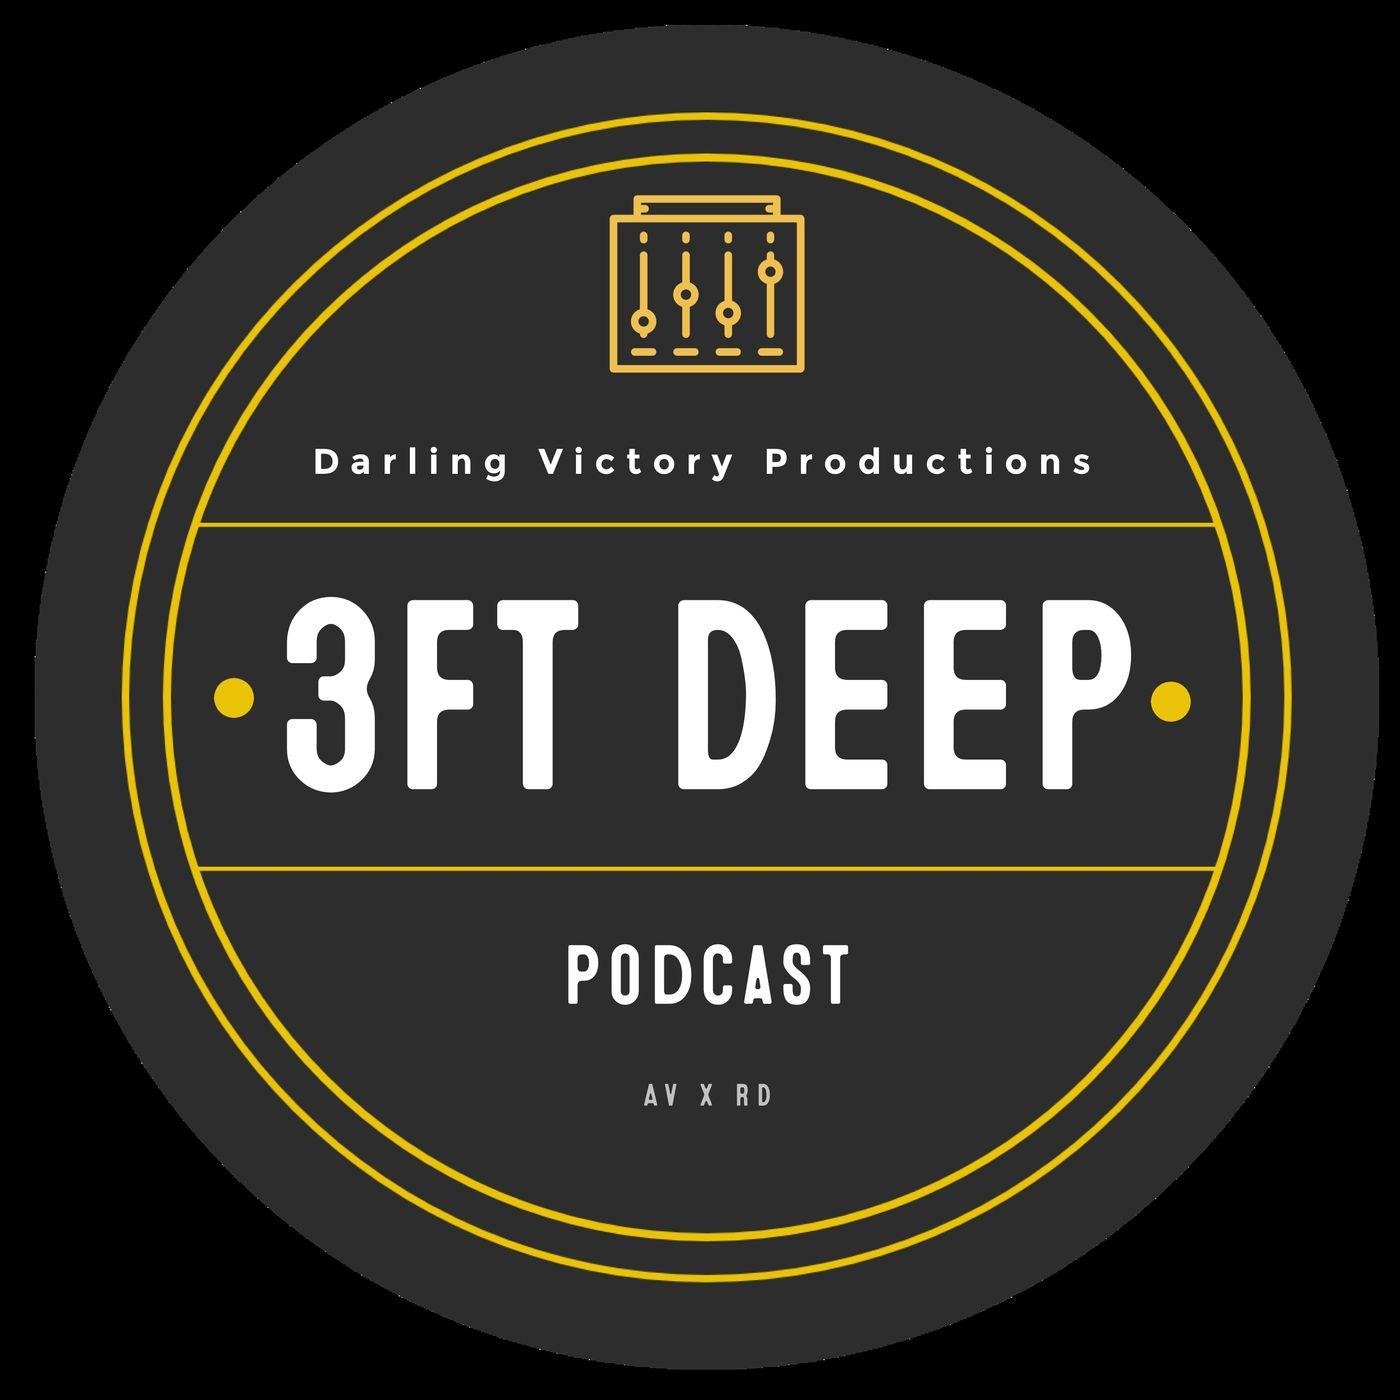 3FT Deep